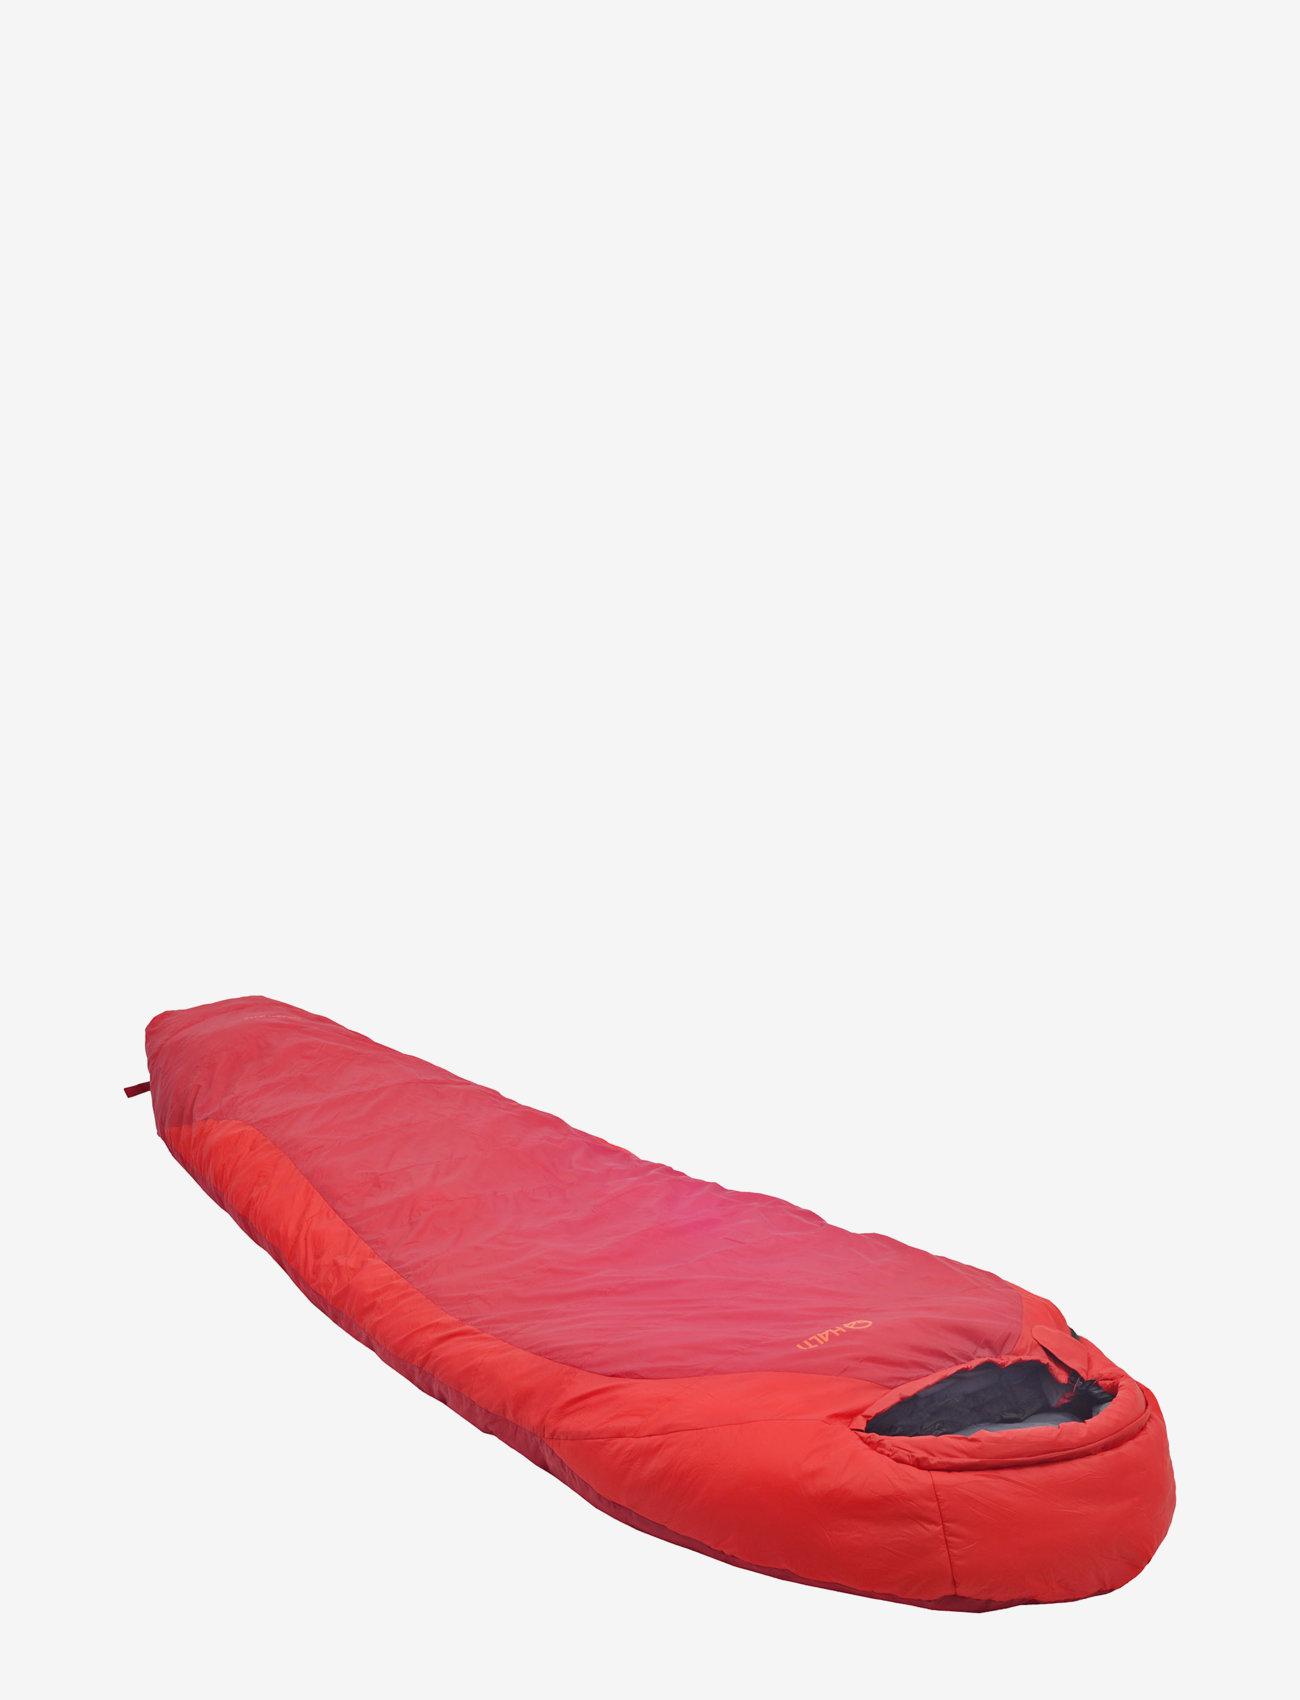 Halti - Oxygen 15 L Sleeping bag - sacs de couchage et matelas - cabernet red - 0